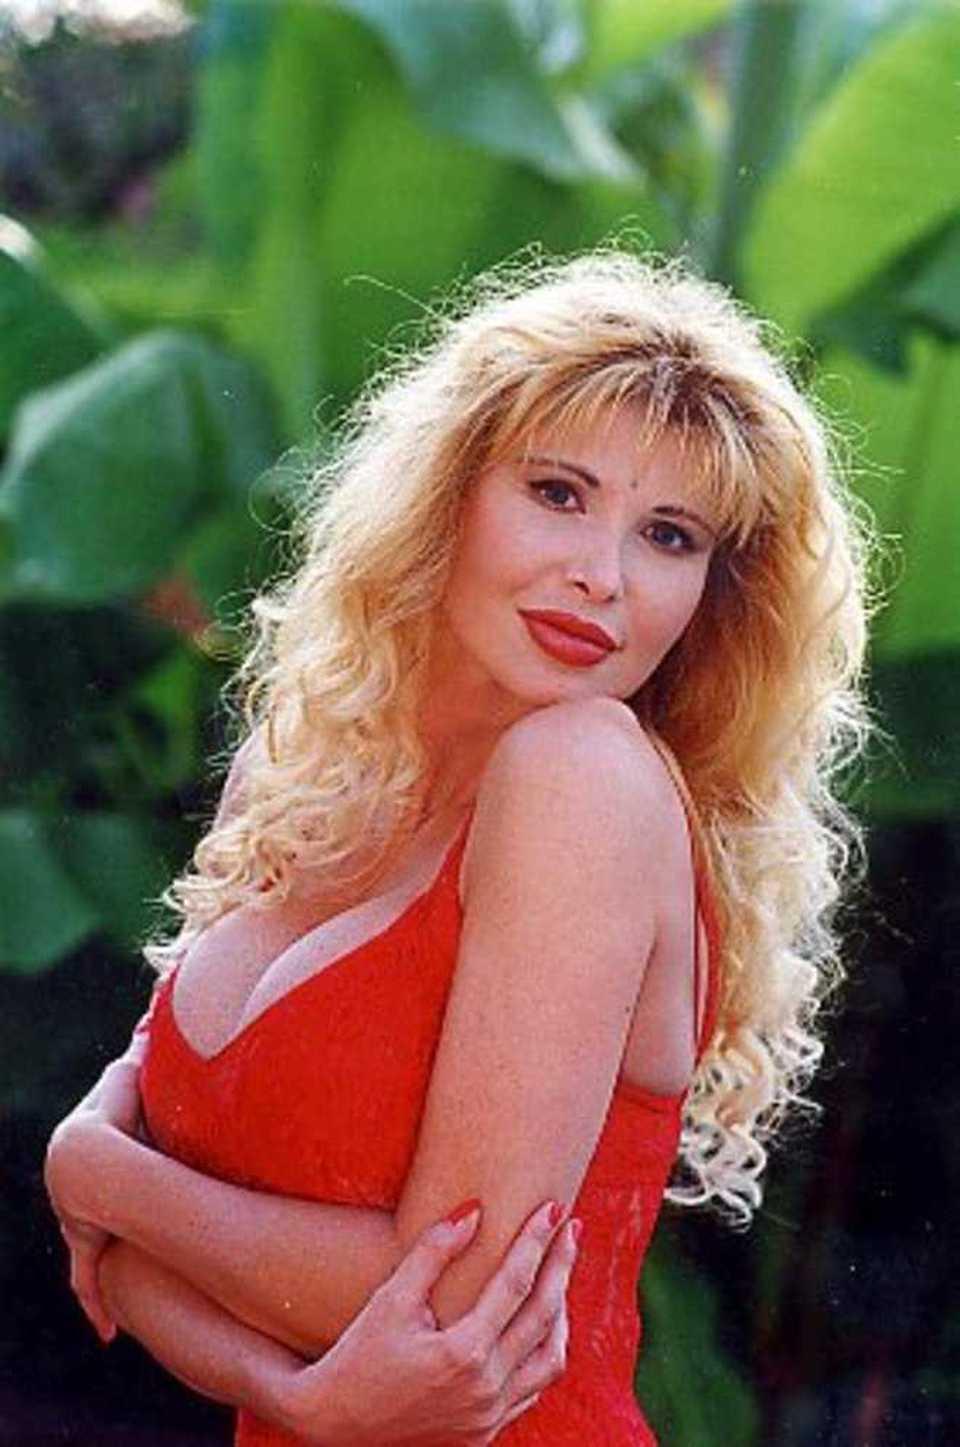 Morta barbarella star del porno negli anni 90 la sua fine avvolta dal mistero come quella - Porno dive anni 90 ...